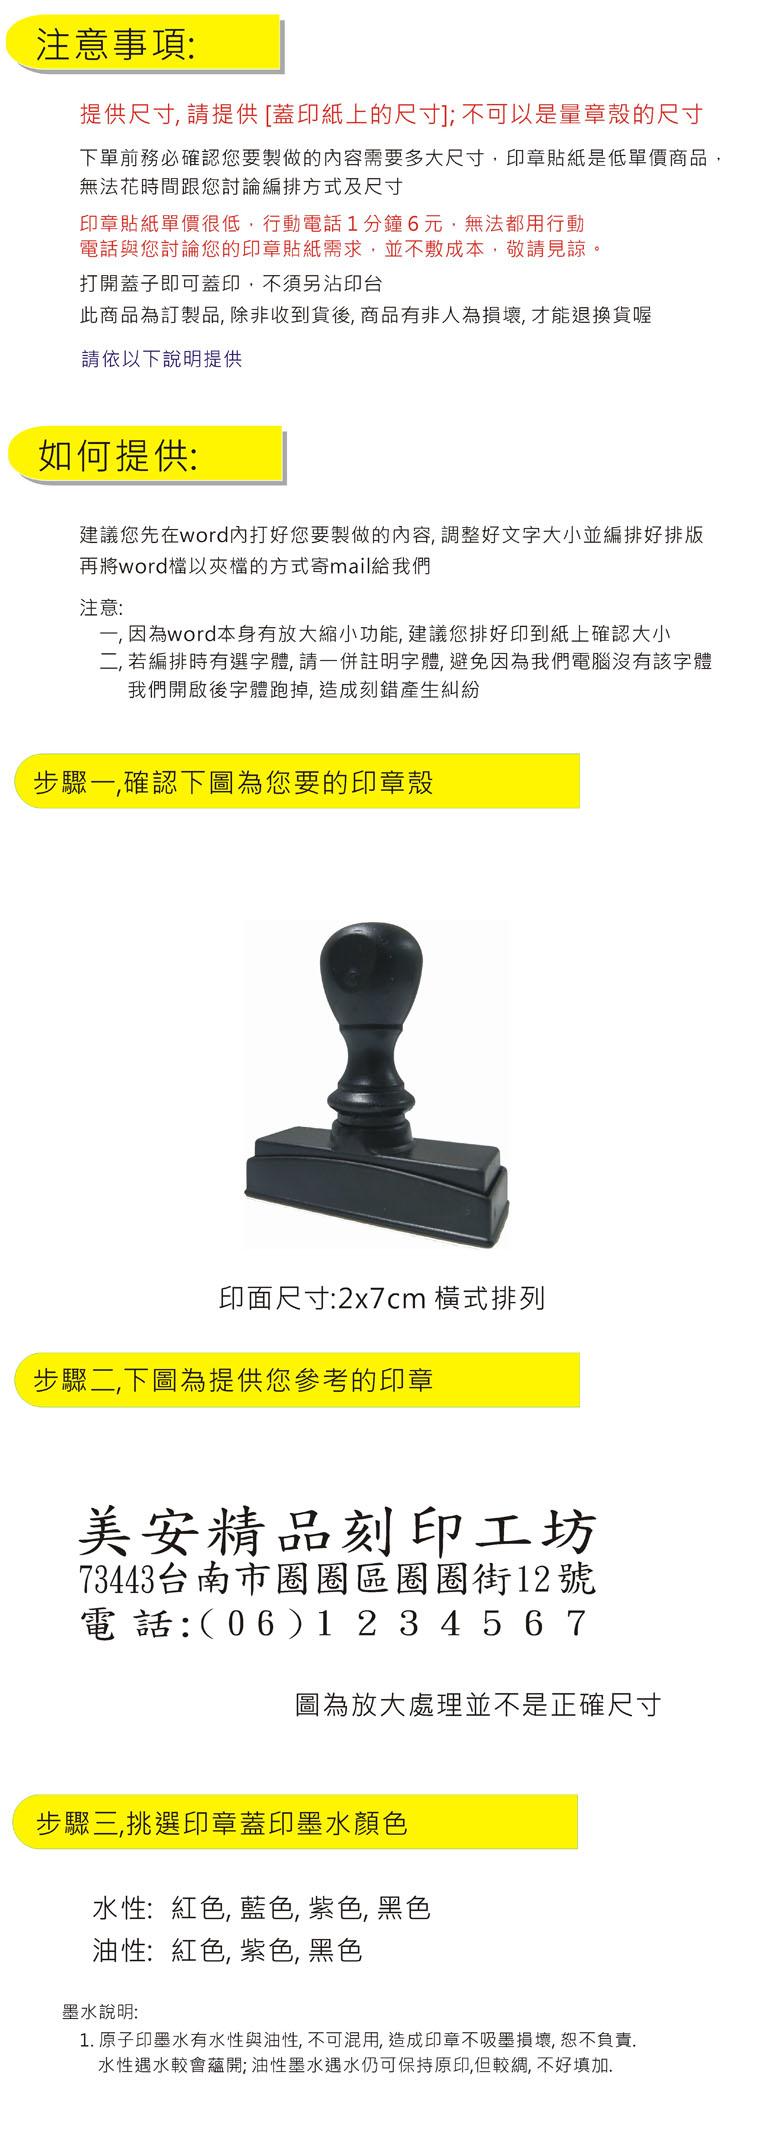 2x7cm 橫式免沾印台連續地址章